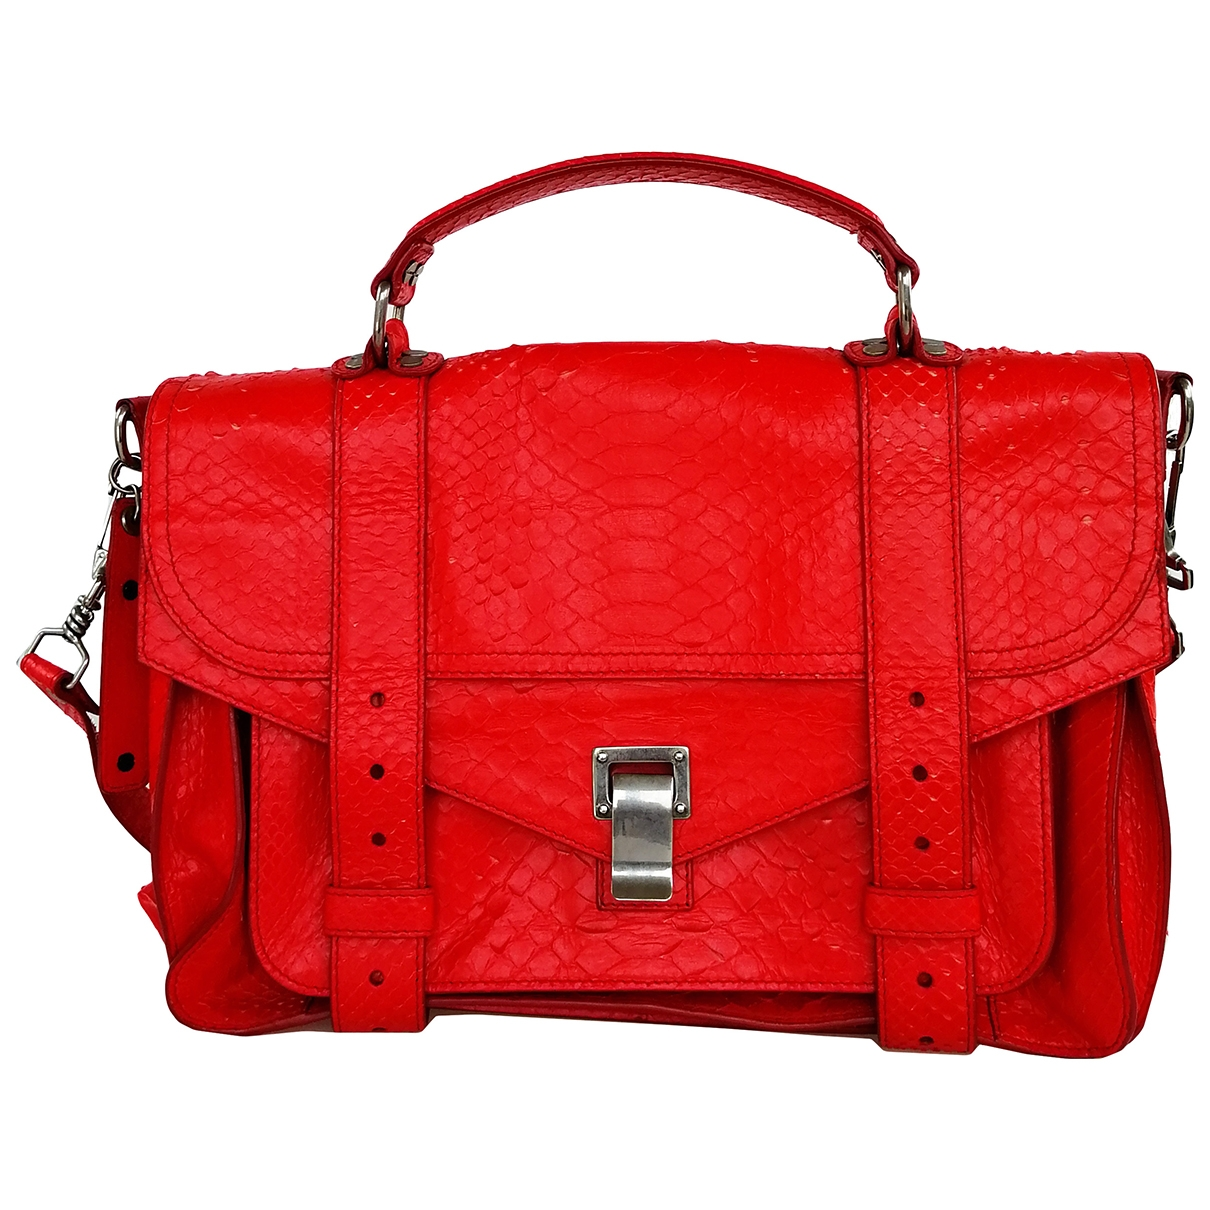 Proenza Schouler PS1 Handtasche in  Rot Python